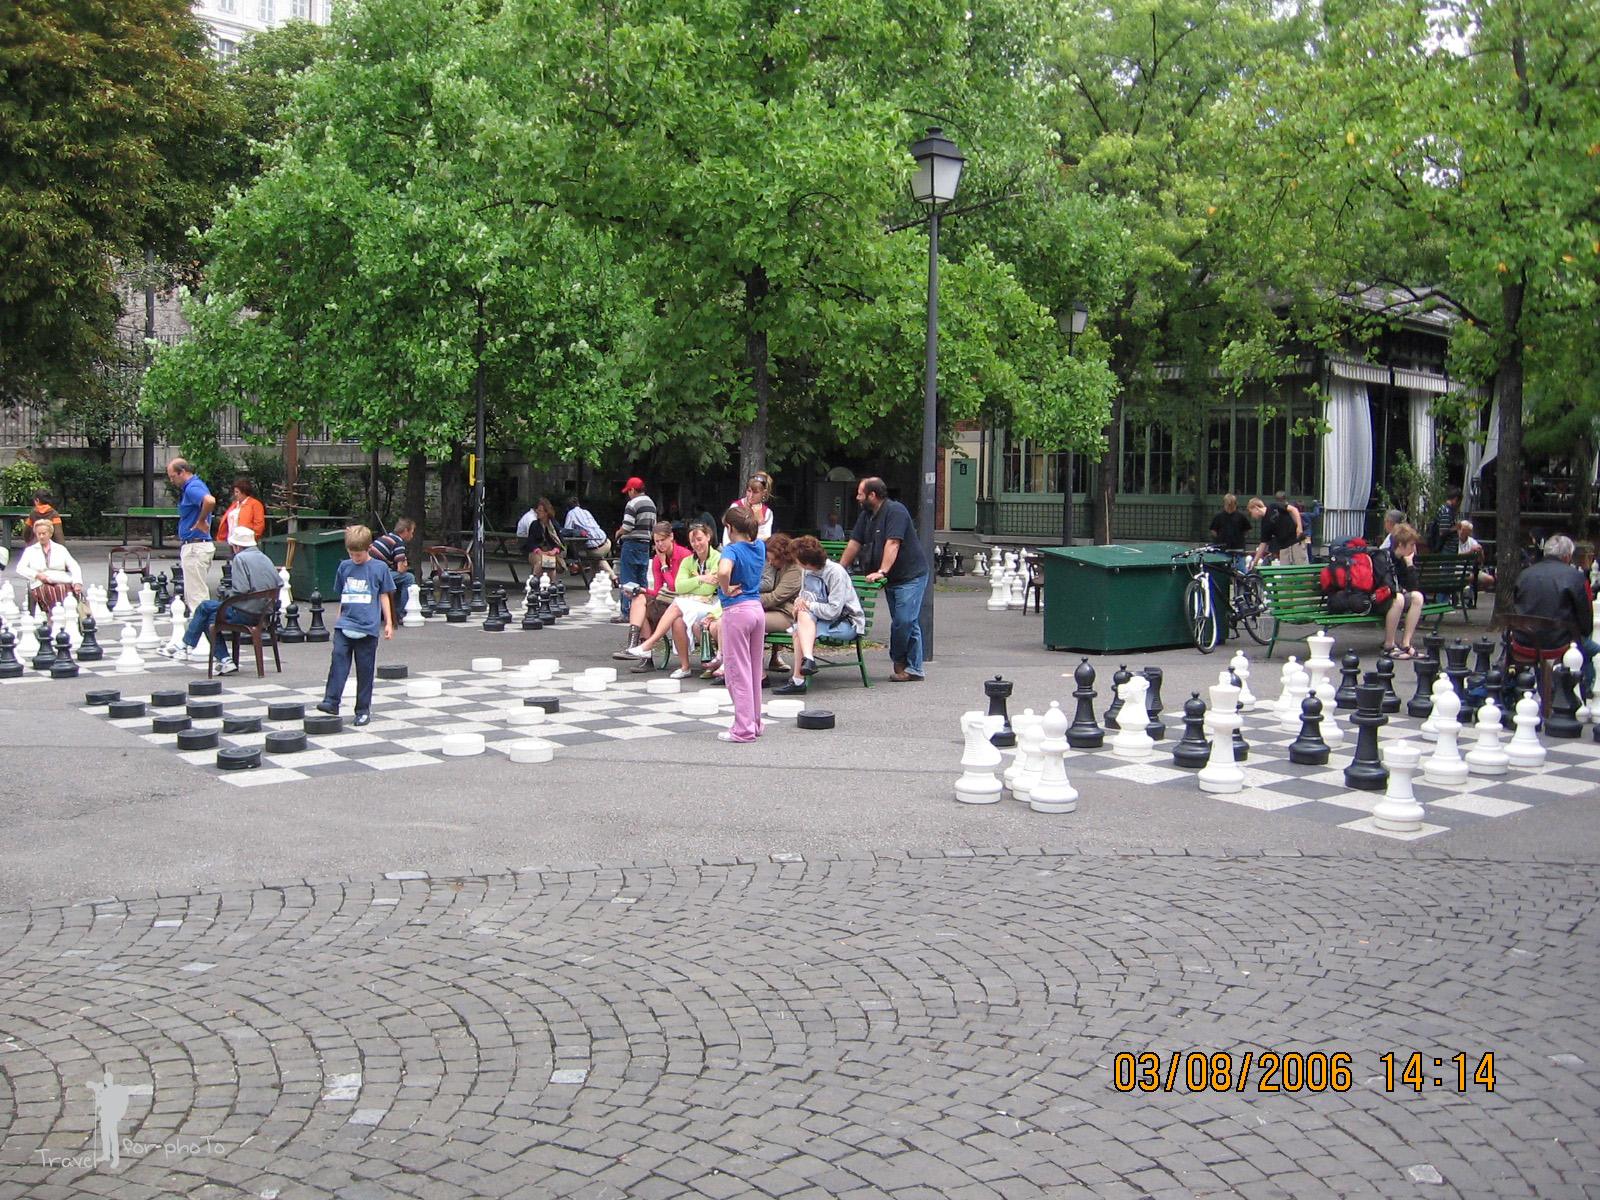 Sah in Parc des Bastions